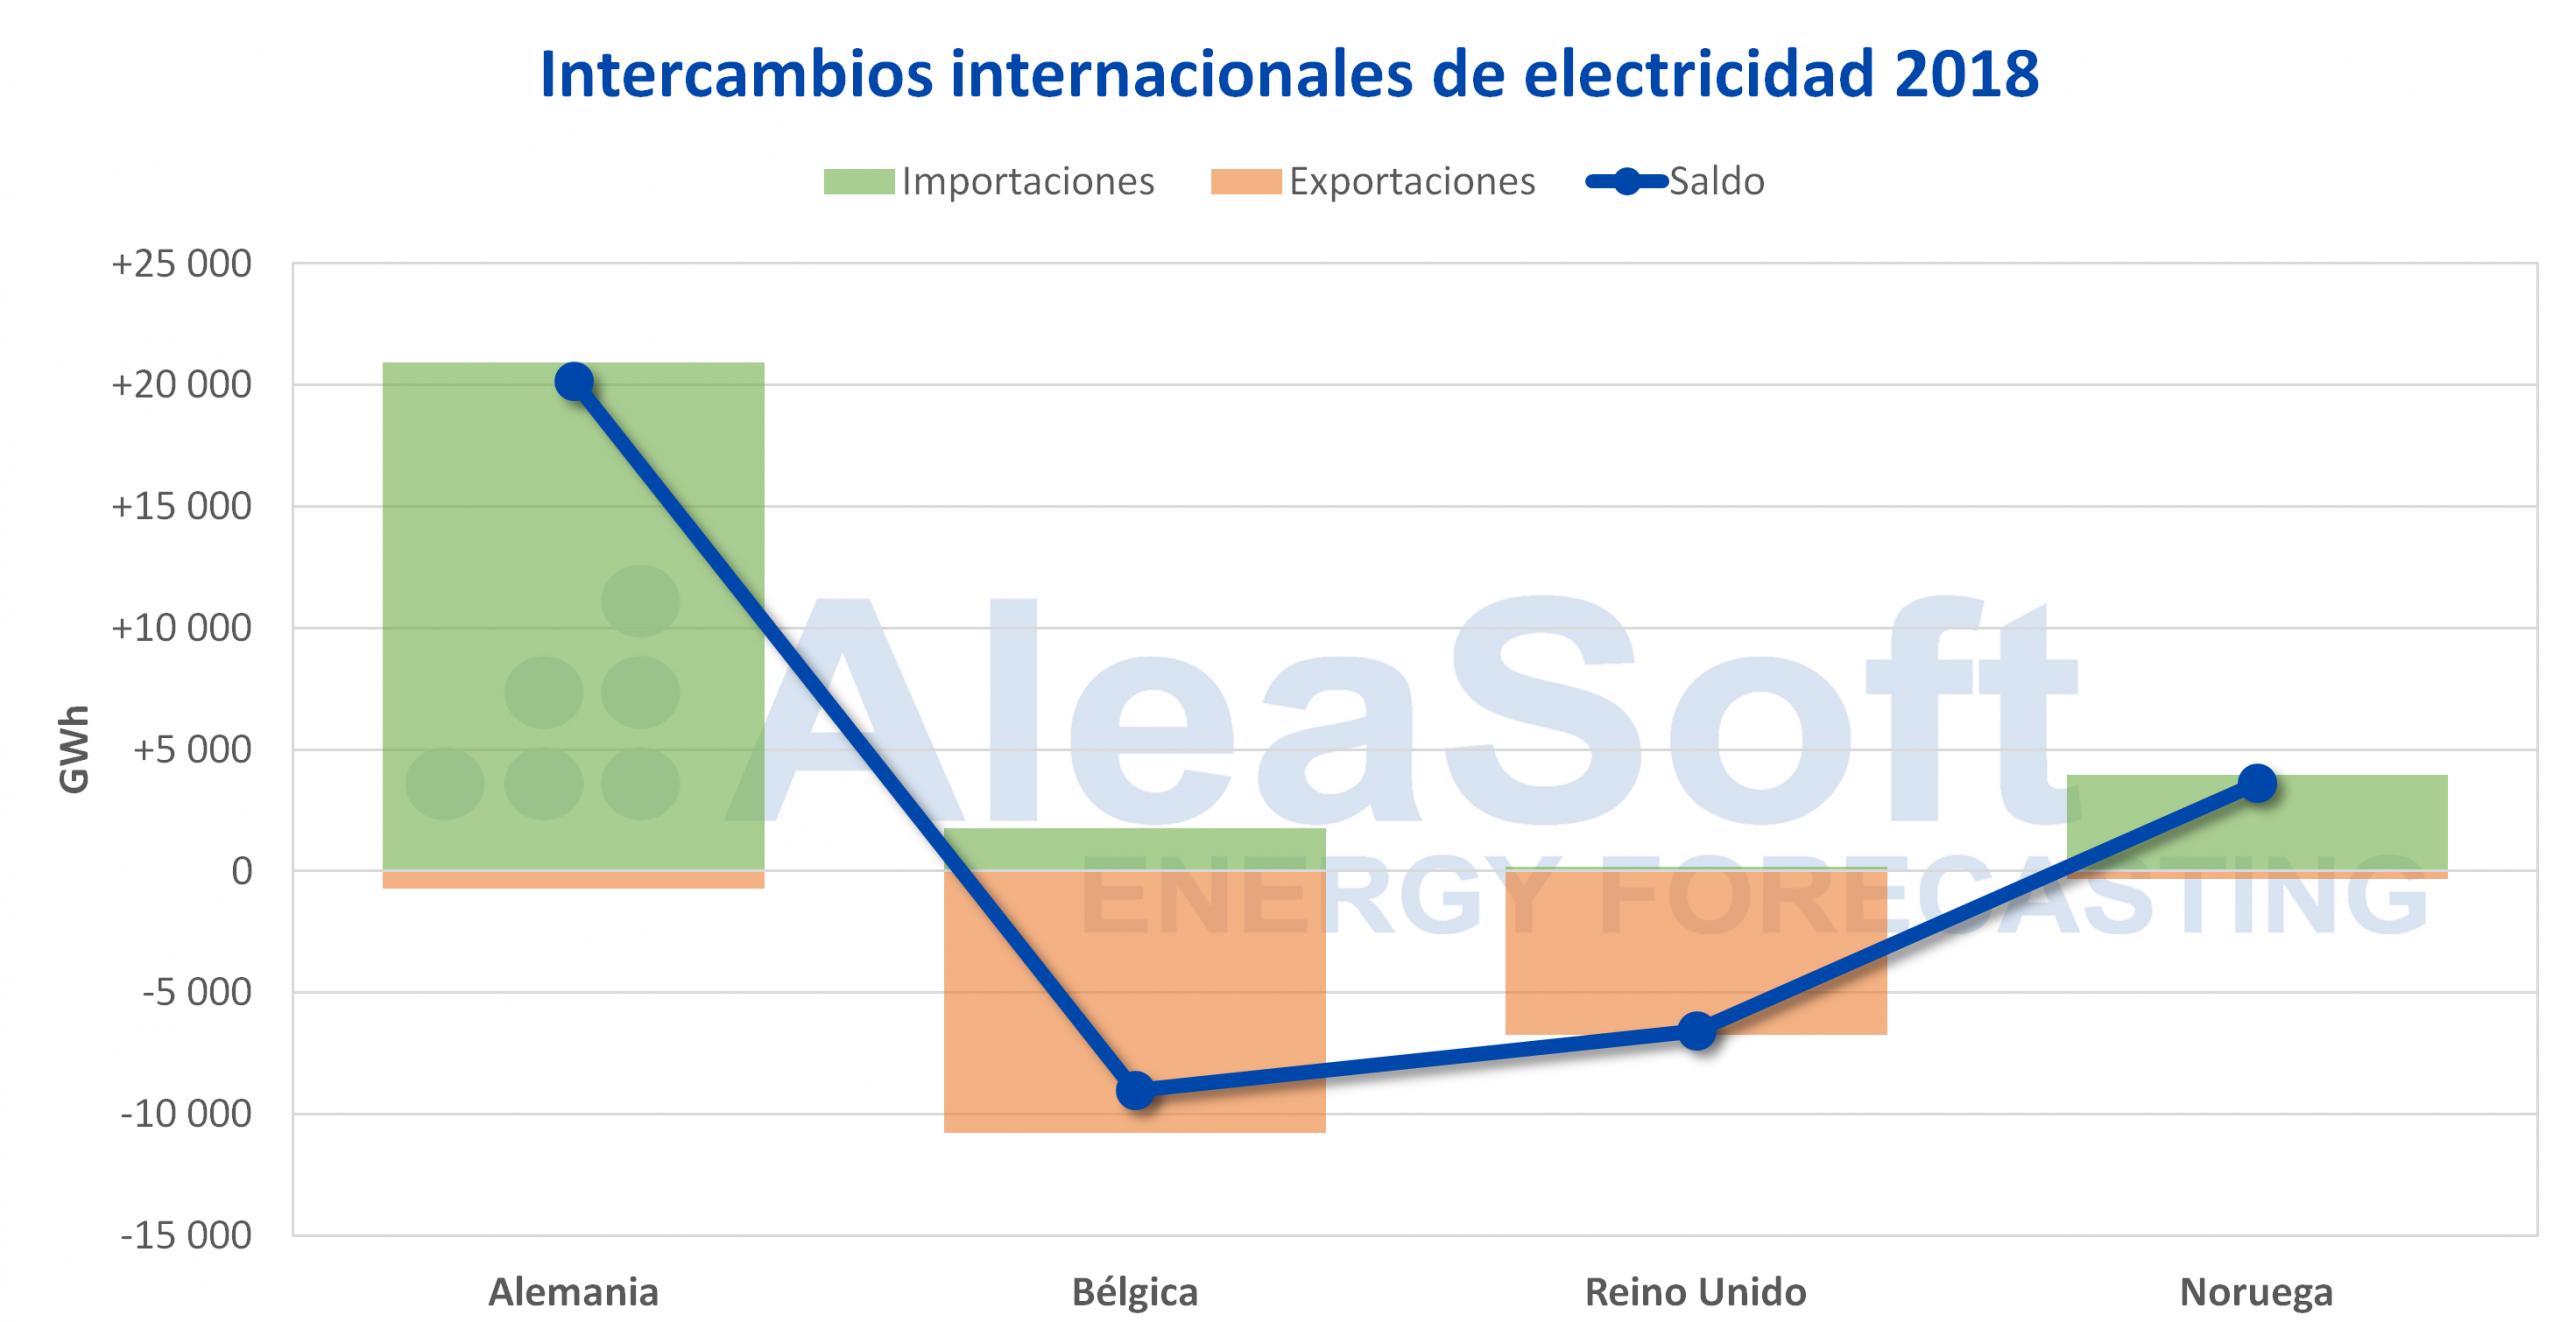 AleaSoft - Países Bajos intercambios internacionales electricidad 2018